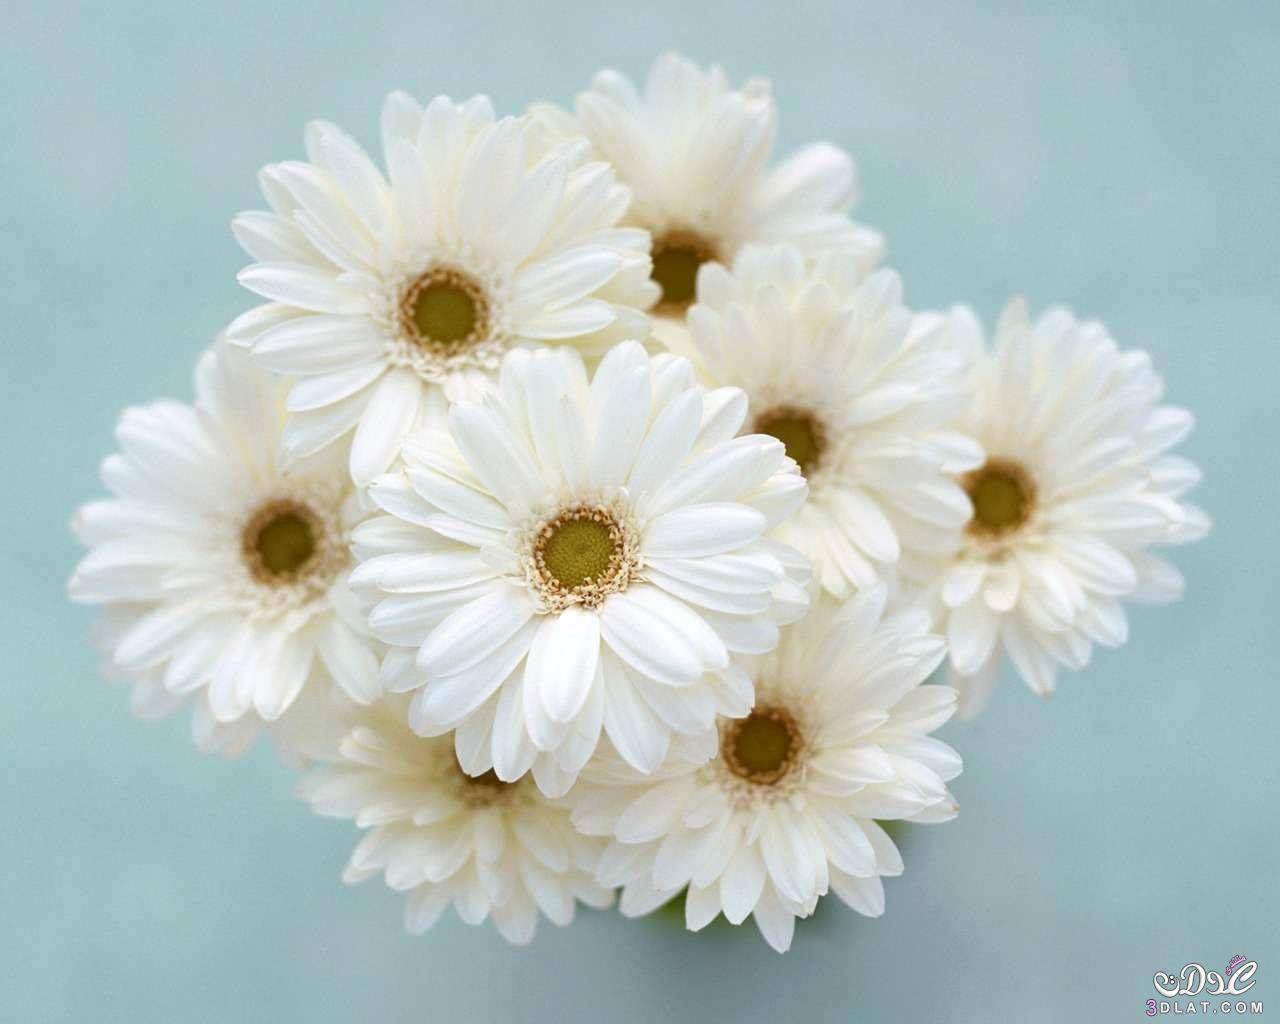 بالصور صور زهور جميلة , افضل الصور للزهور الجميلة 4708 4